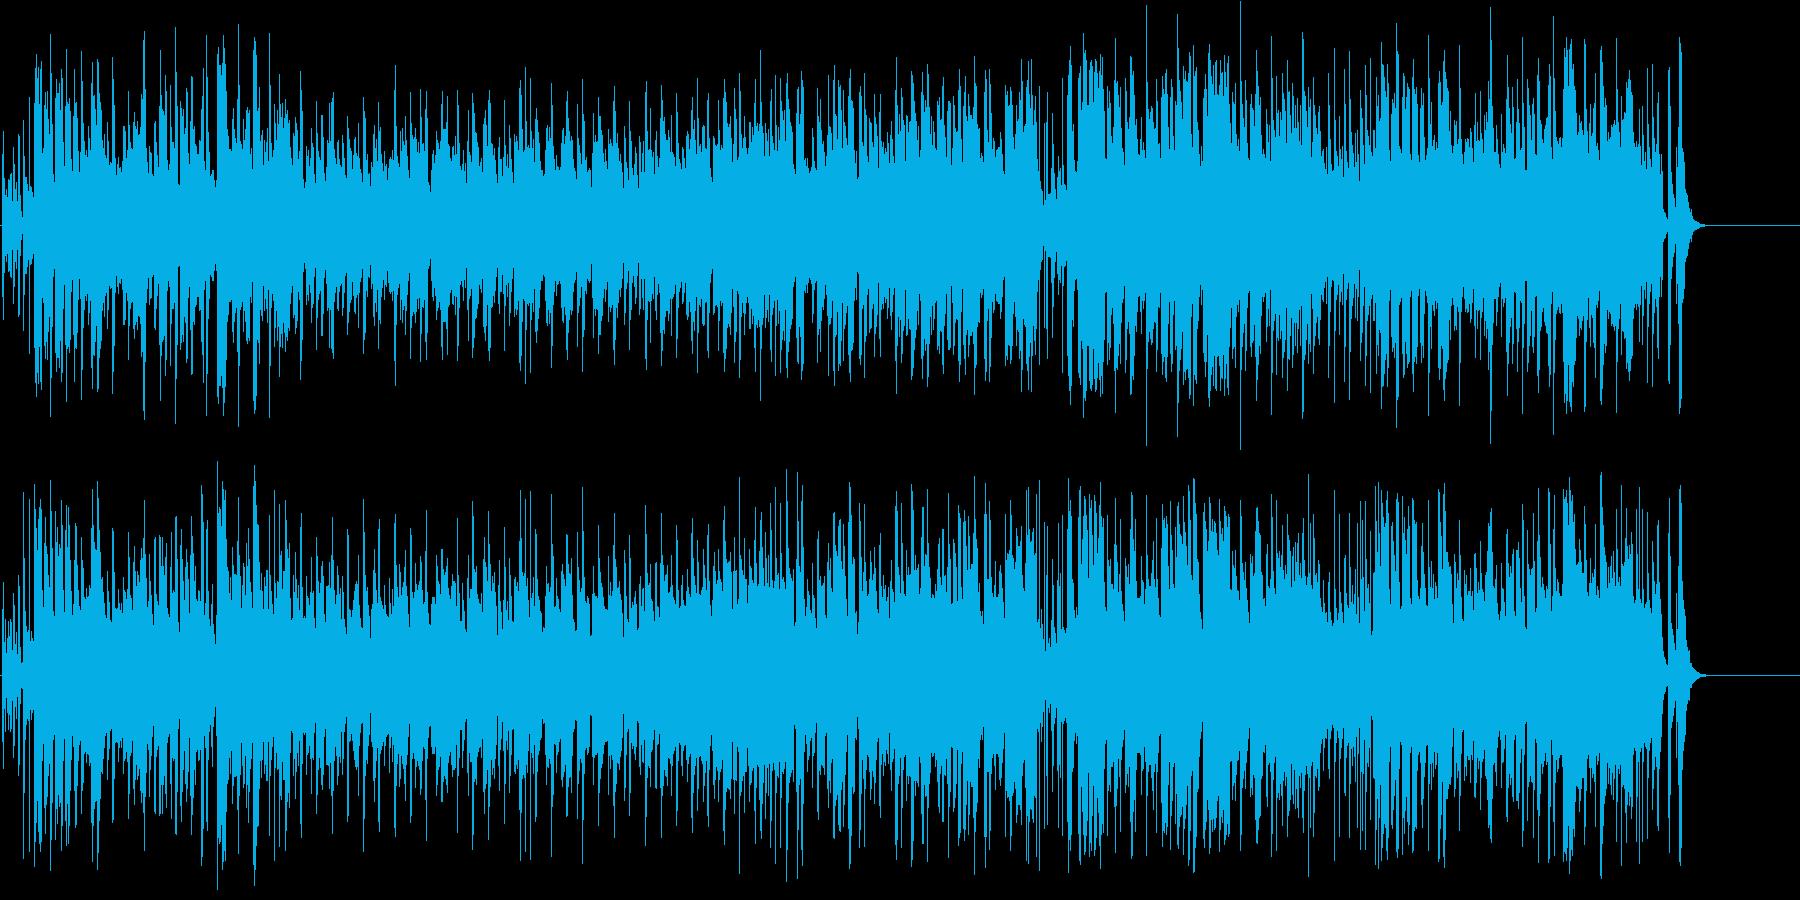 男のロマンを掻き立てるロッカバラードの再生済みの波形